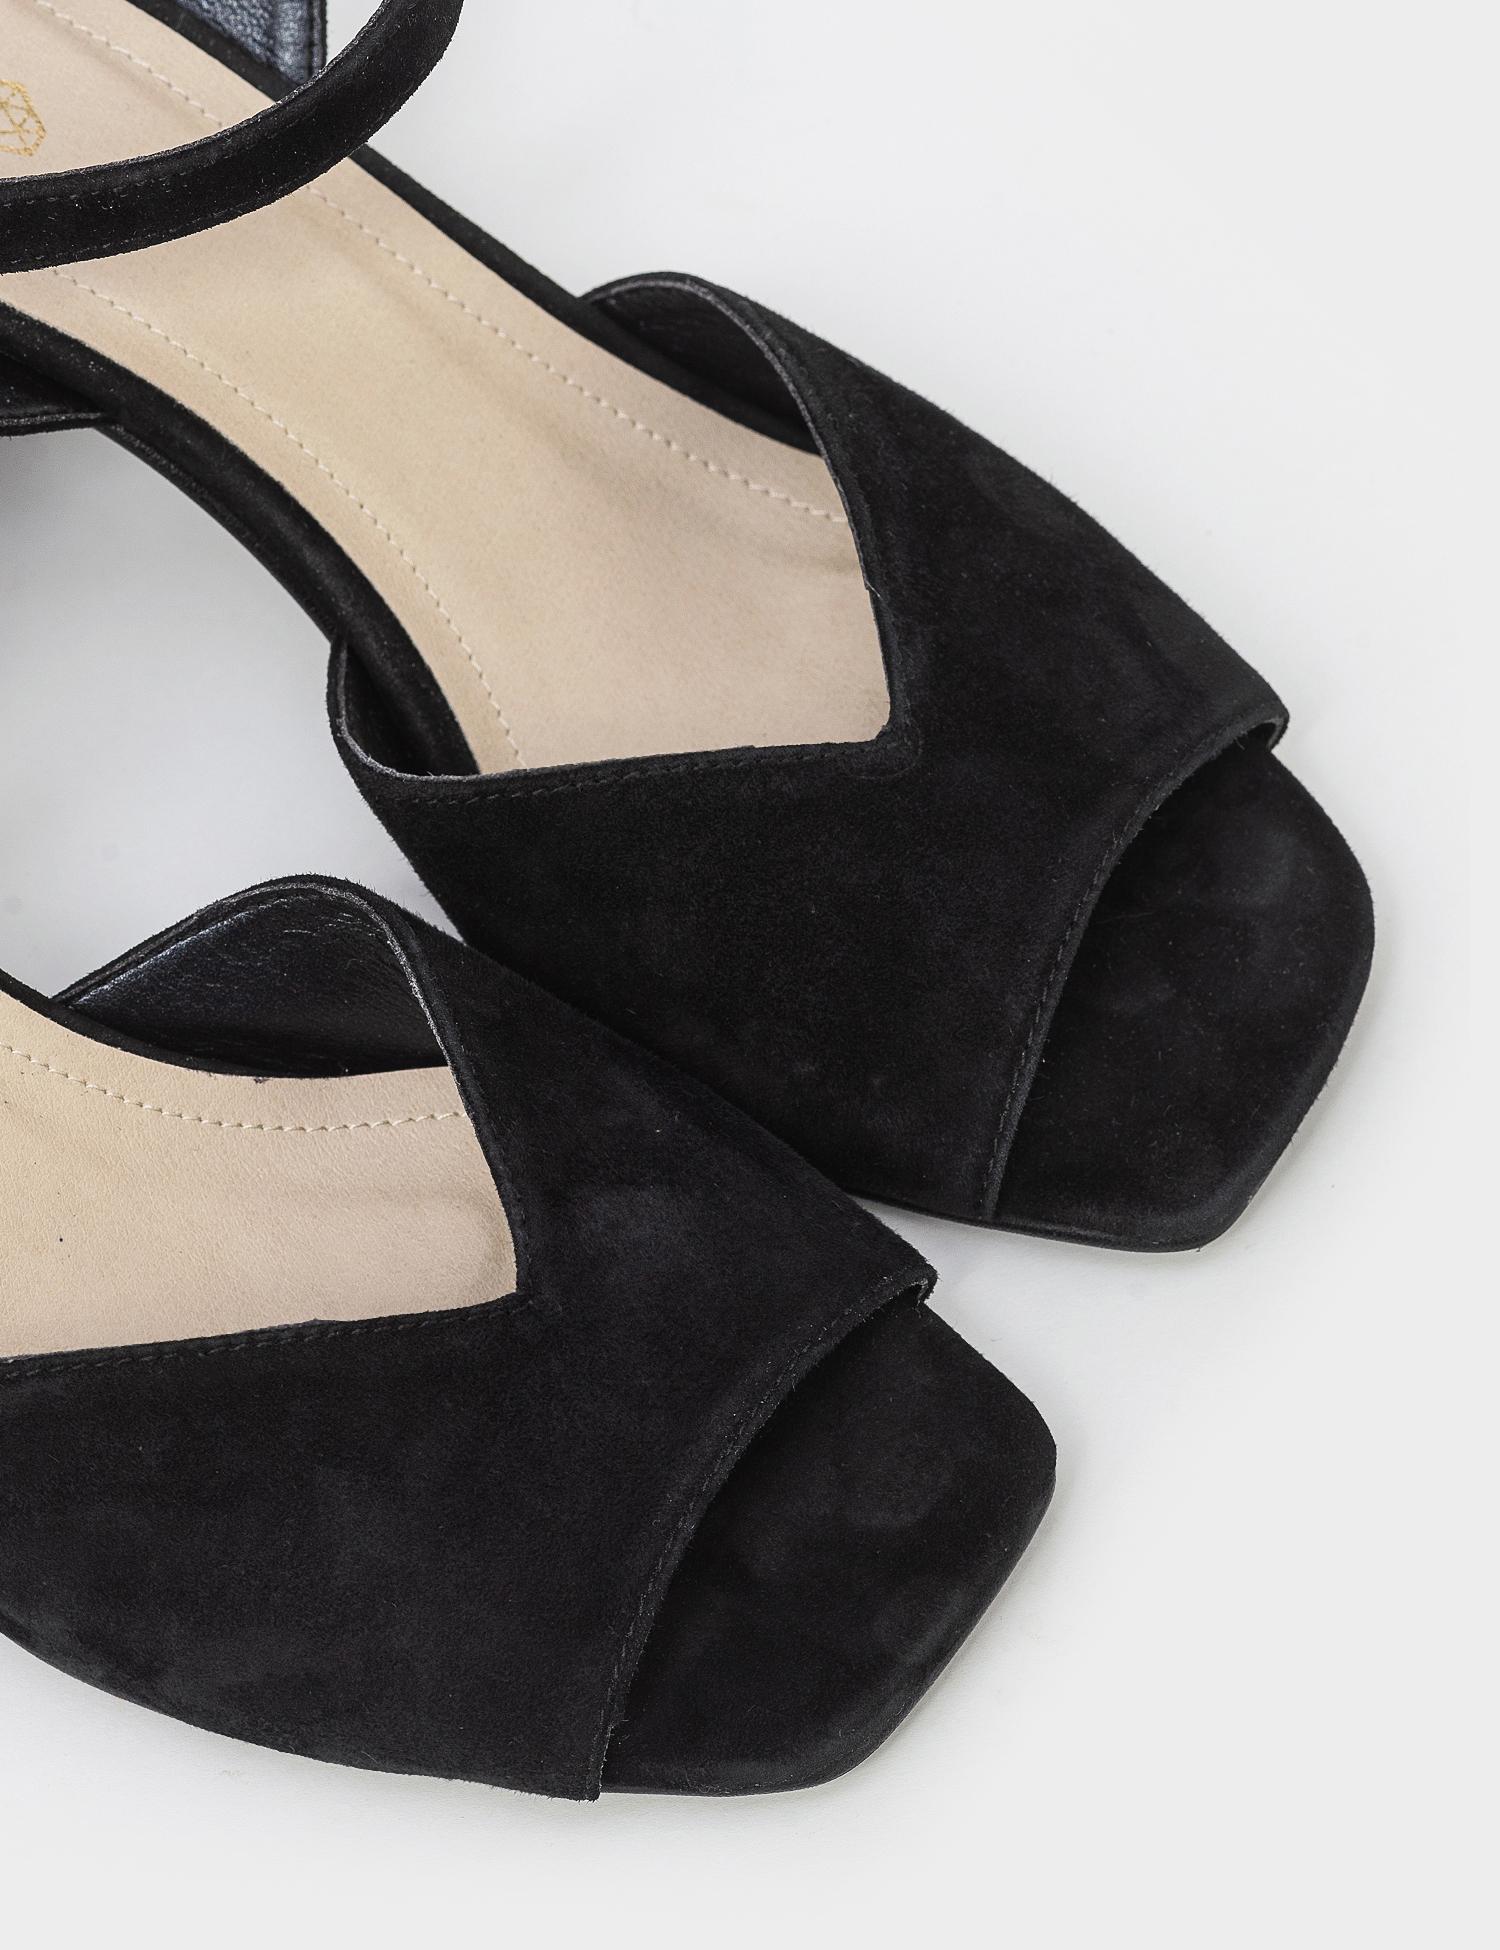 Босоніжки  жіночі Босоножек 95790141 черная замша 95790141 брендове взуття, 2017